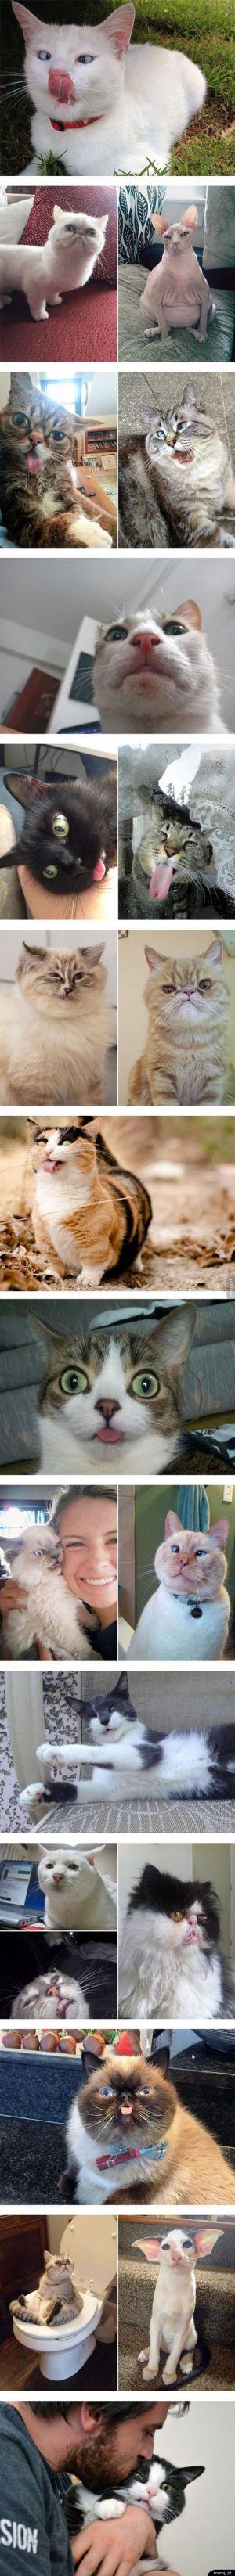 Nie wszystkie koty są fotogeniczne